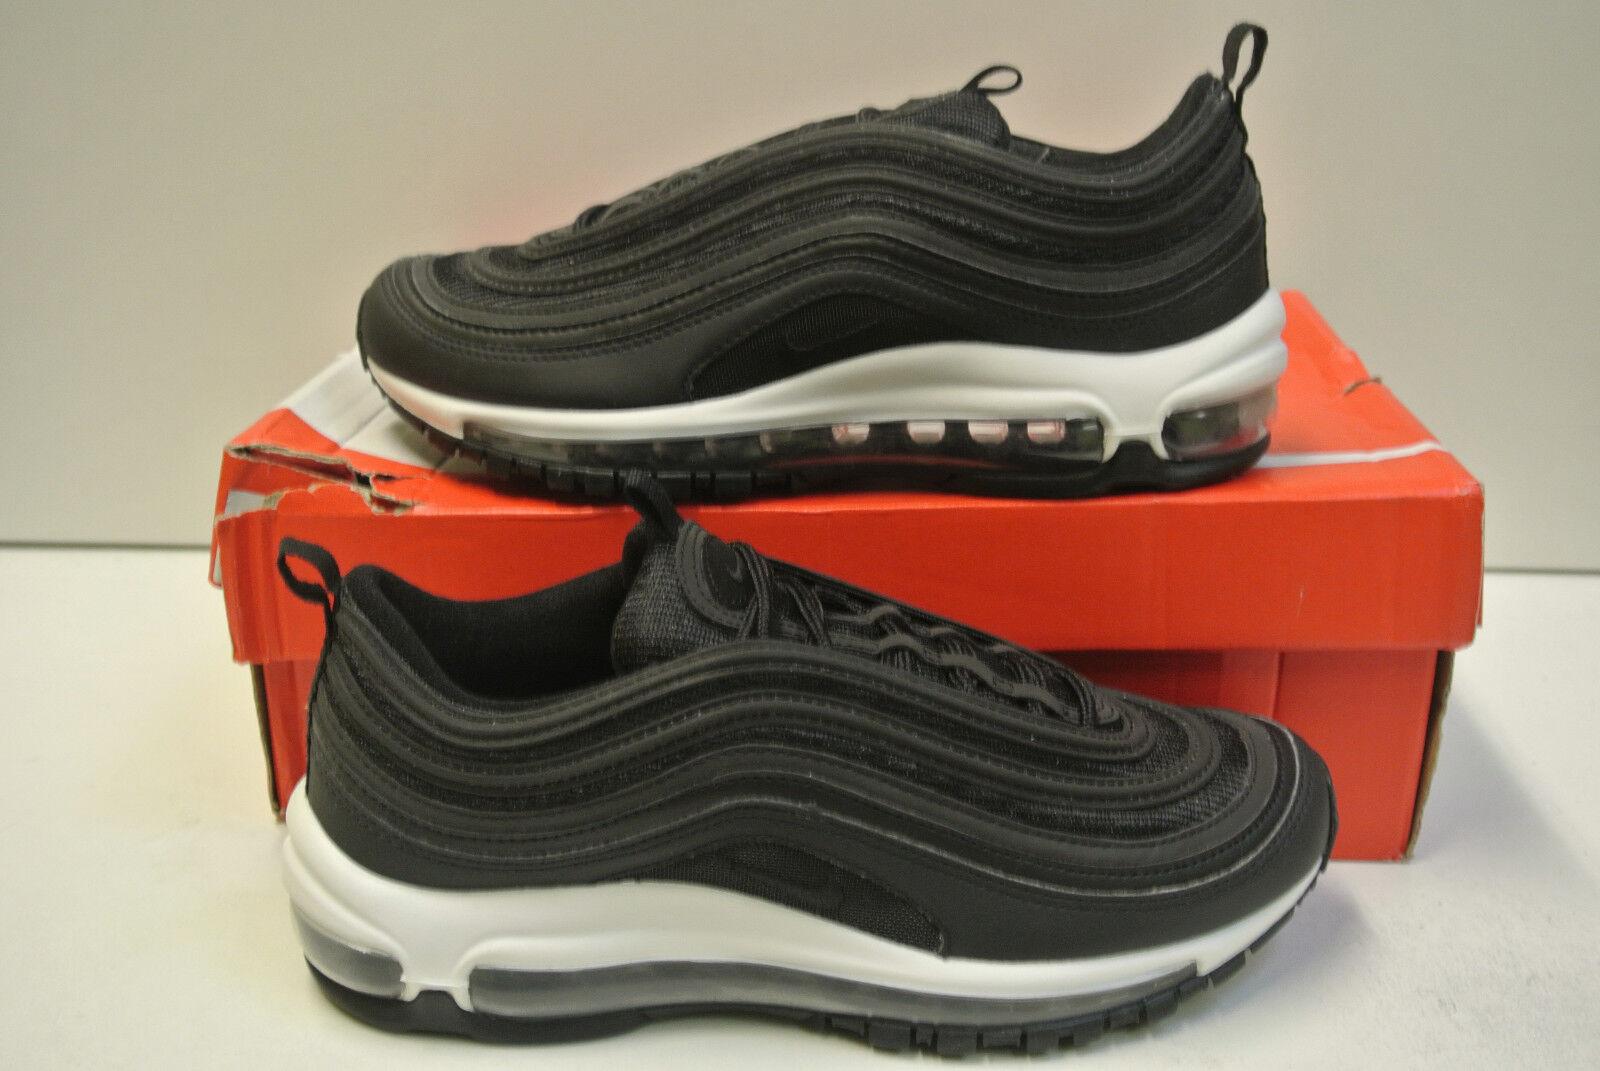 promo code f3f9d b33f6 WMNS Nike Air Max 97 WMNS Gr. wählbar Neu  OVP 921733 006 ef6a68